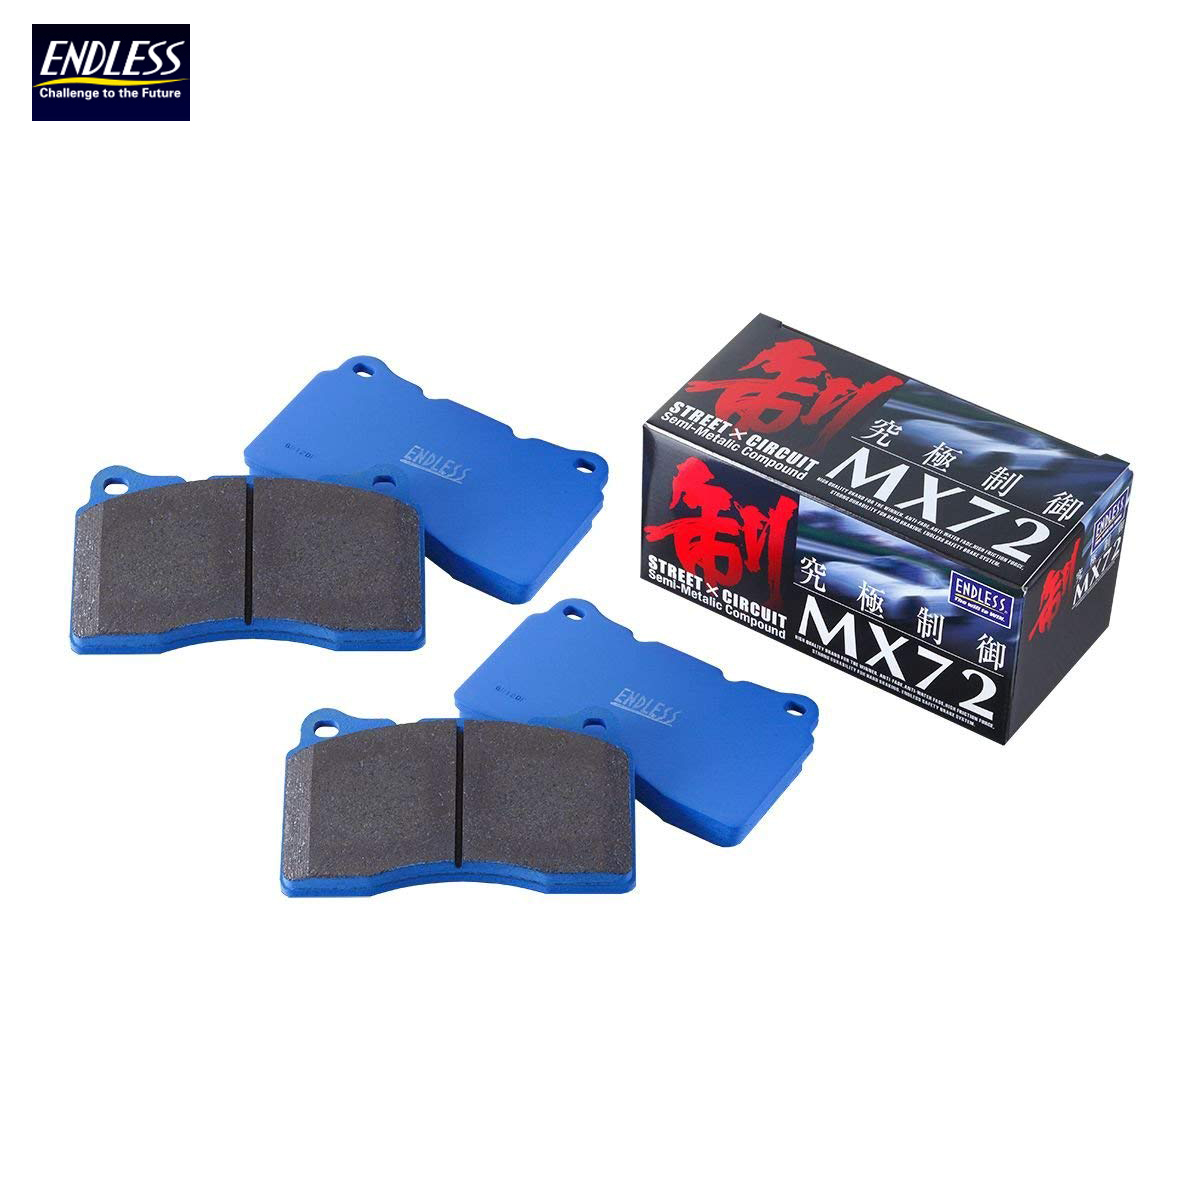 ENDLESS エンドレス ブレーキパッド MX72セット フロント EP442 リア EP443 アルファード ハイブリッド ATH20W